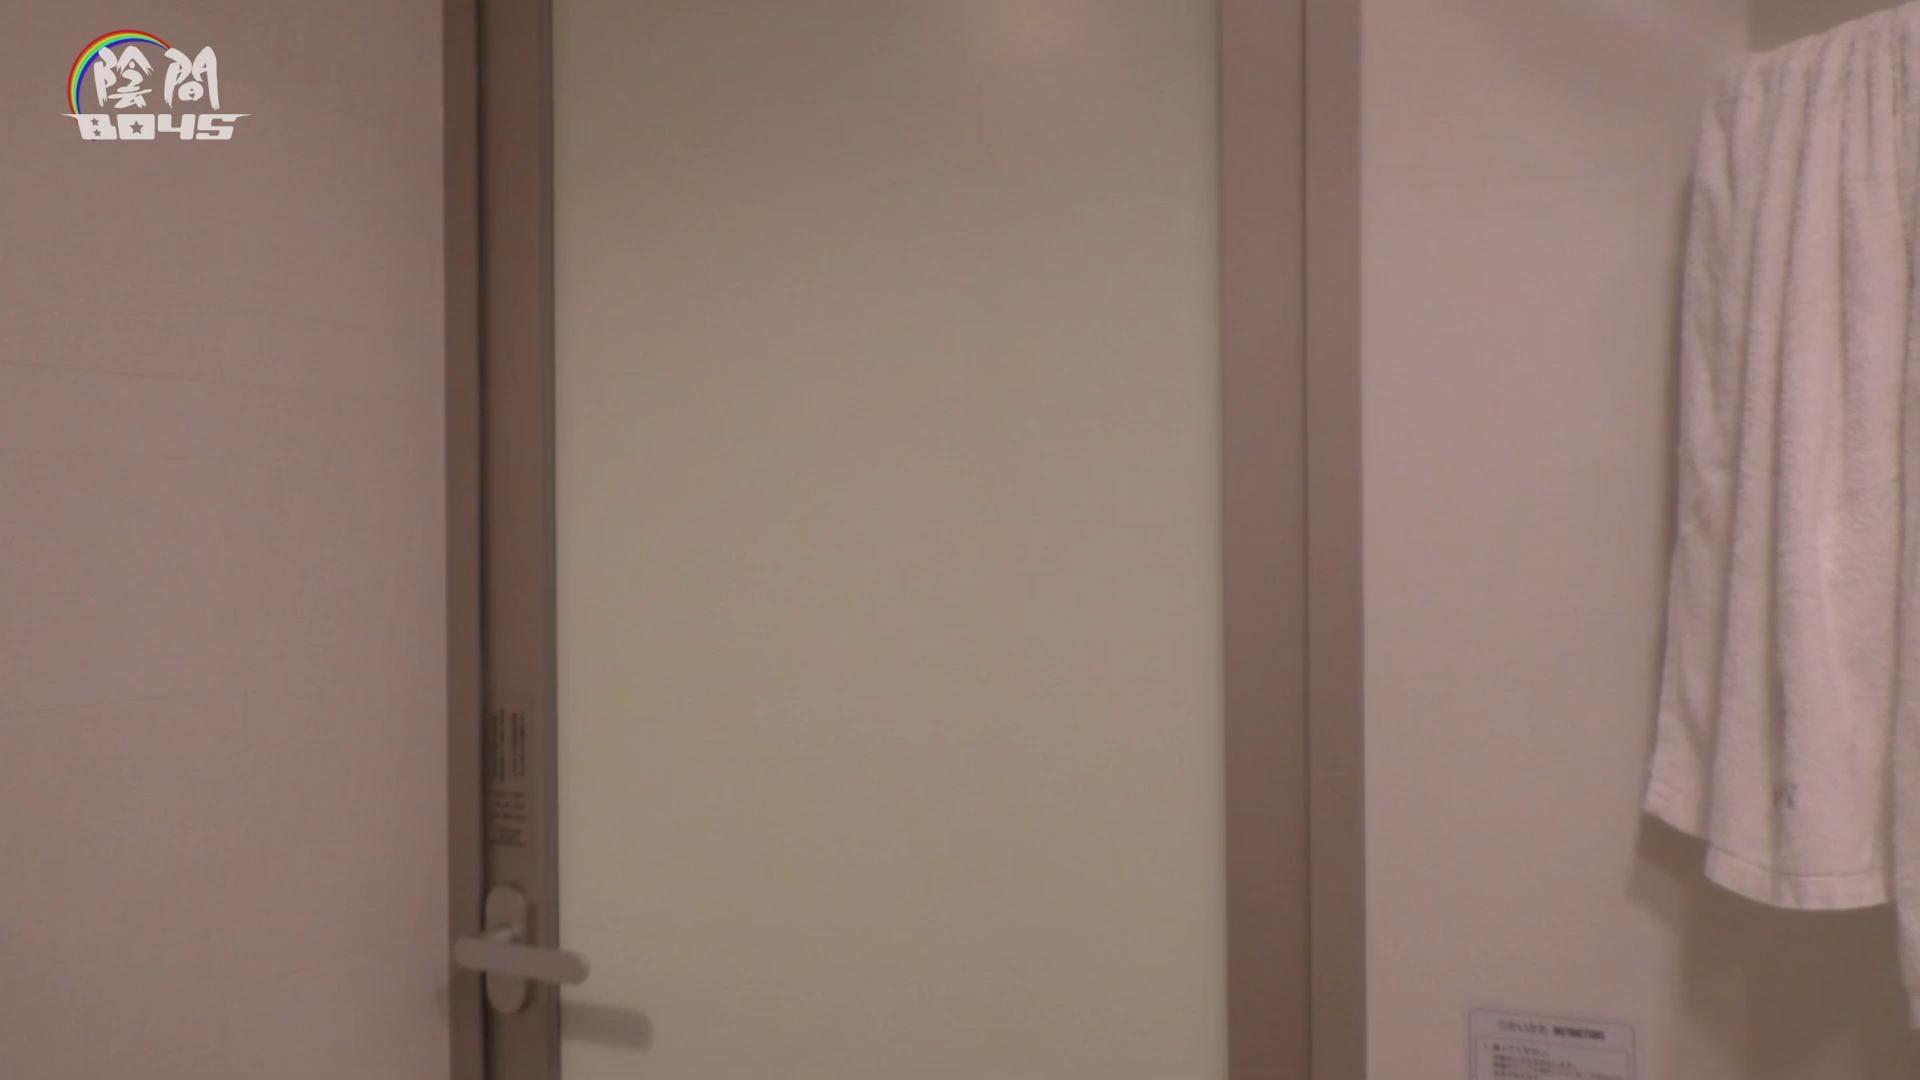 おいはカリデカ2!File.02 入浴・シャワー丸見え ゲイ無修正ビデオ画像 102pic 65